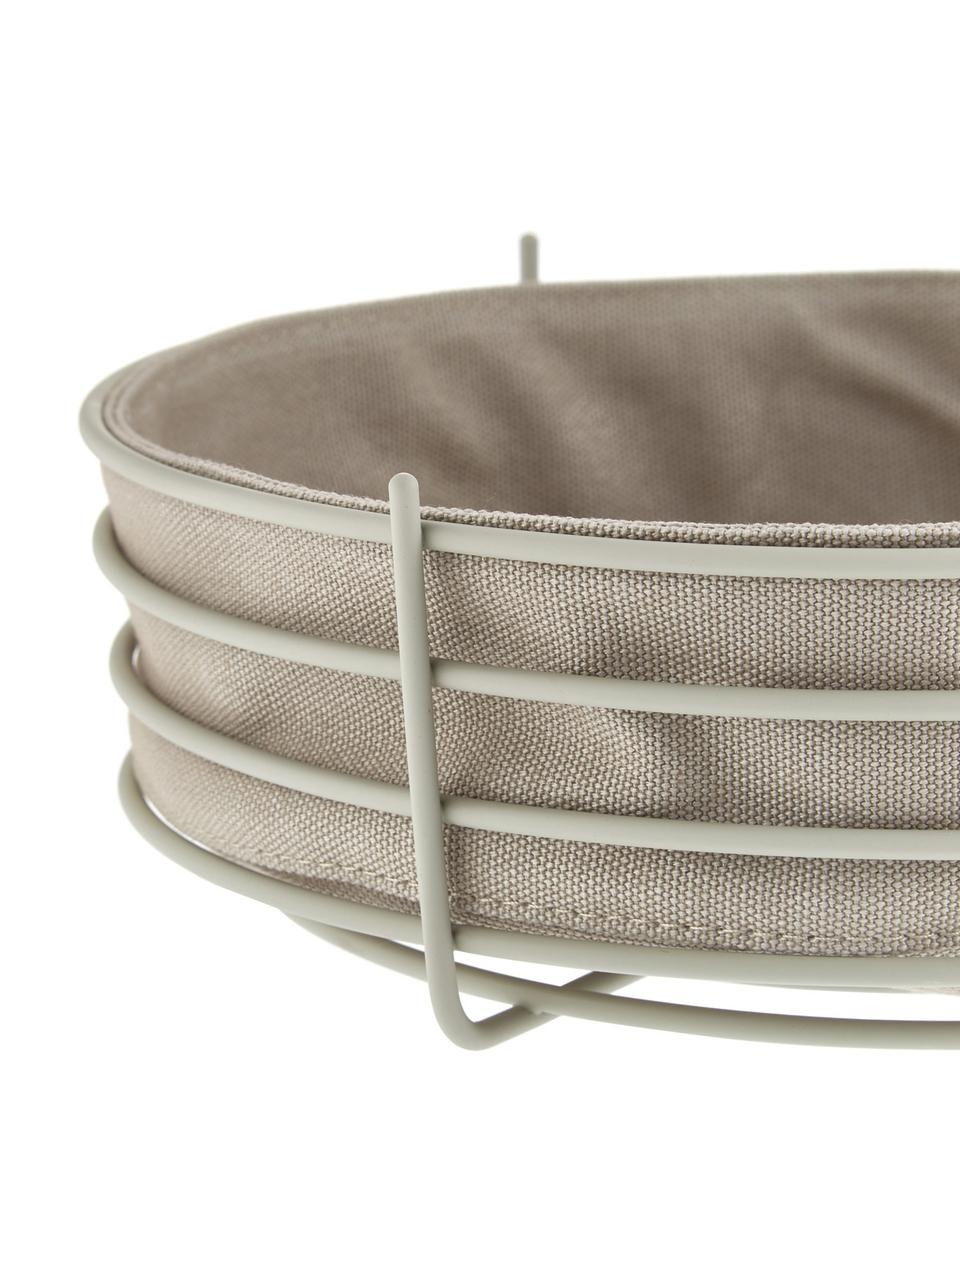 Brotkorb Gola mit herausnehmbarem Einsatz, Brotkorb: Metall, beschichtet, Beige, Ø 26 x H 8 cm